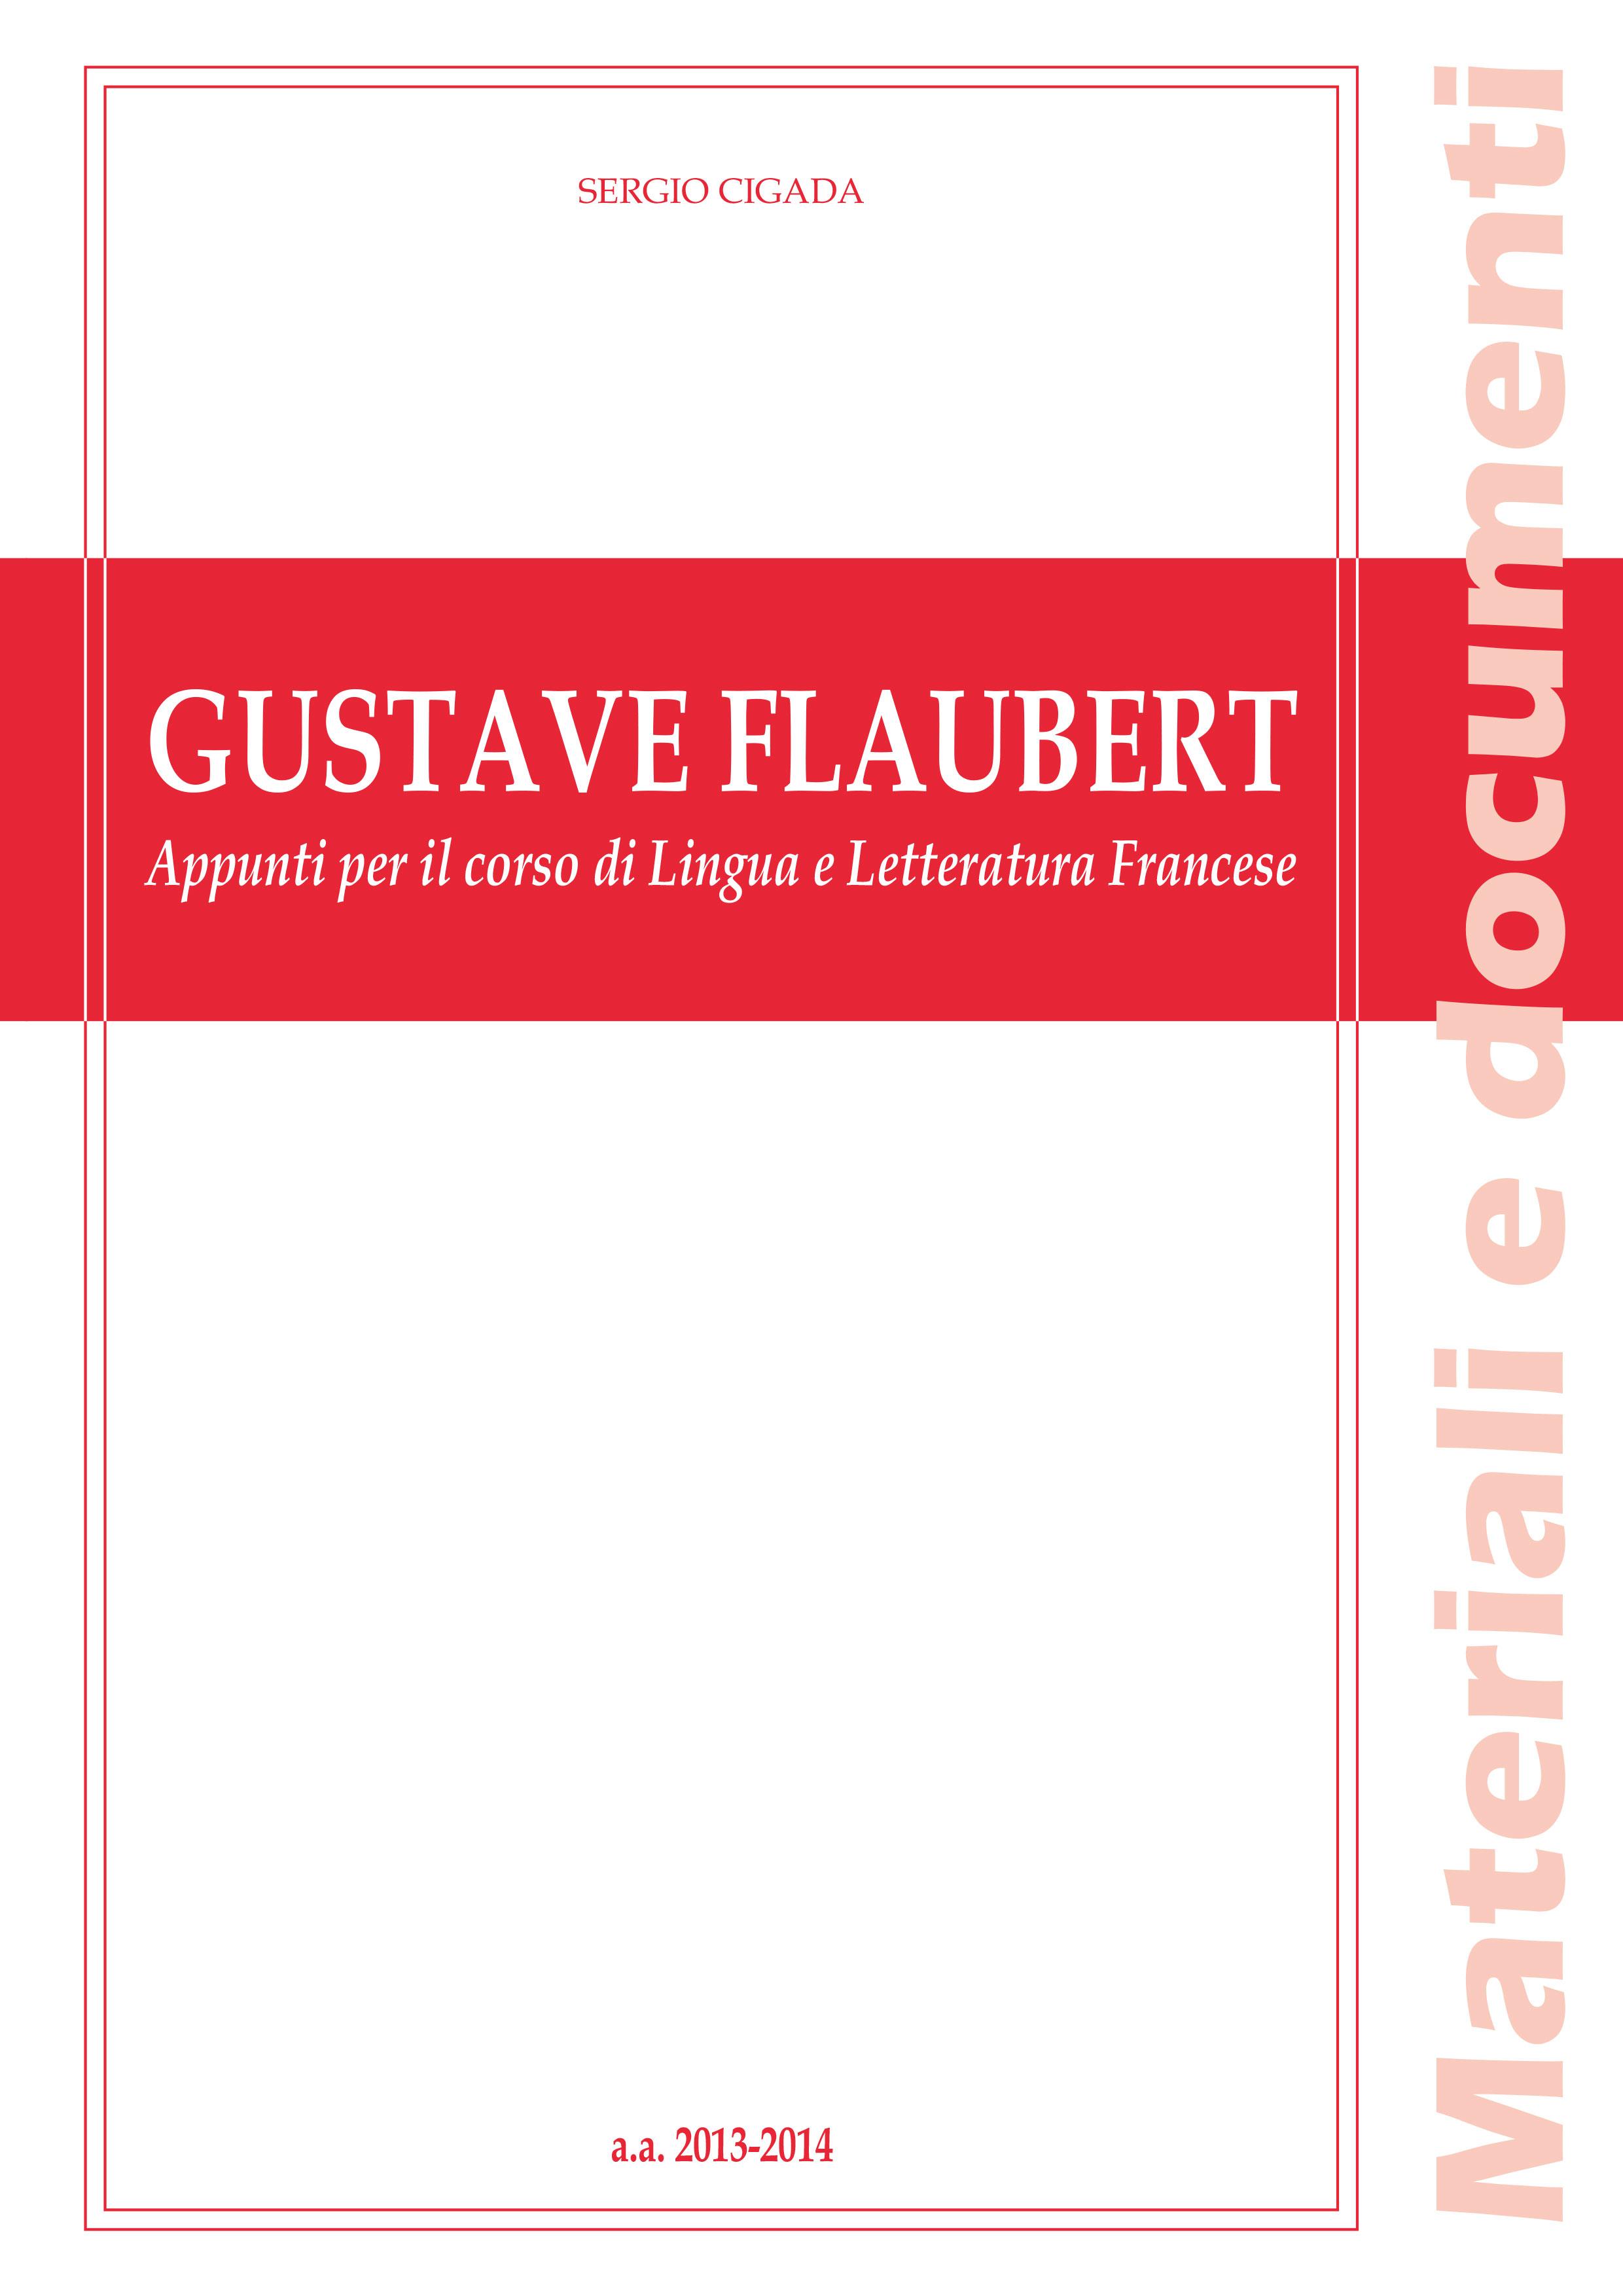 GUSTAVE FLAUBERT. APPUNTI PER IL CORSO DI LINGUA E LETTERATURA FRANCESE